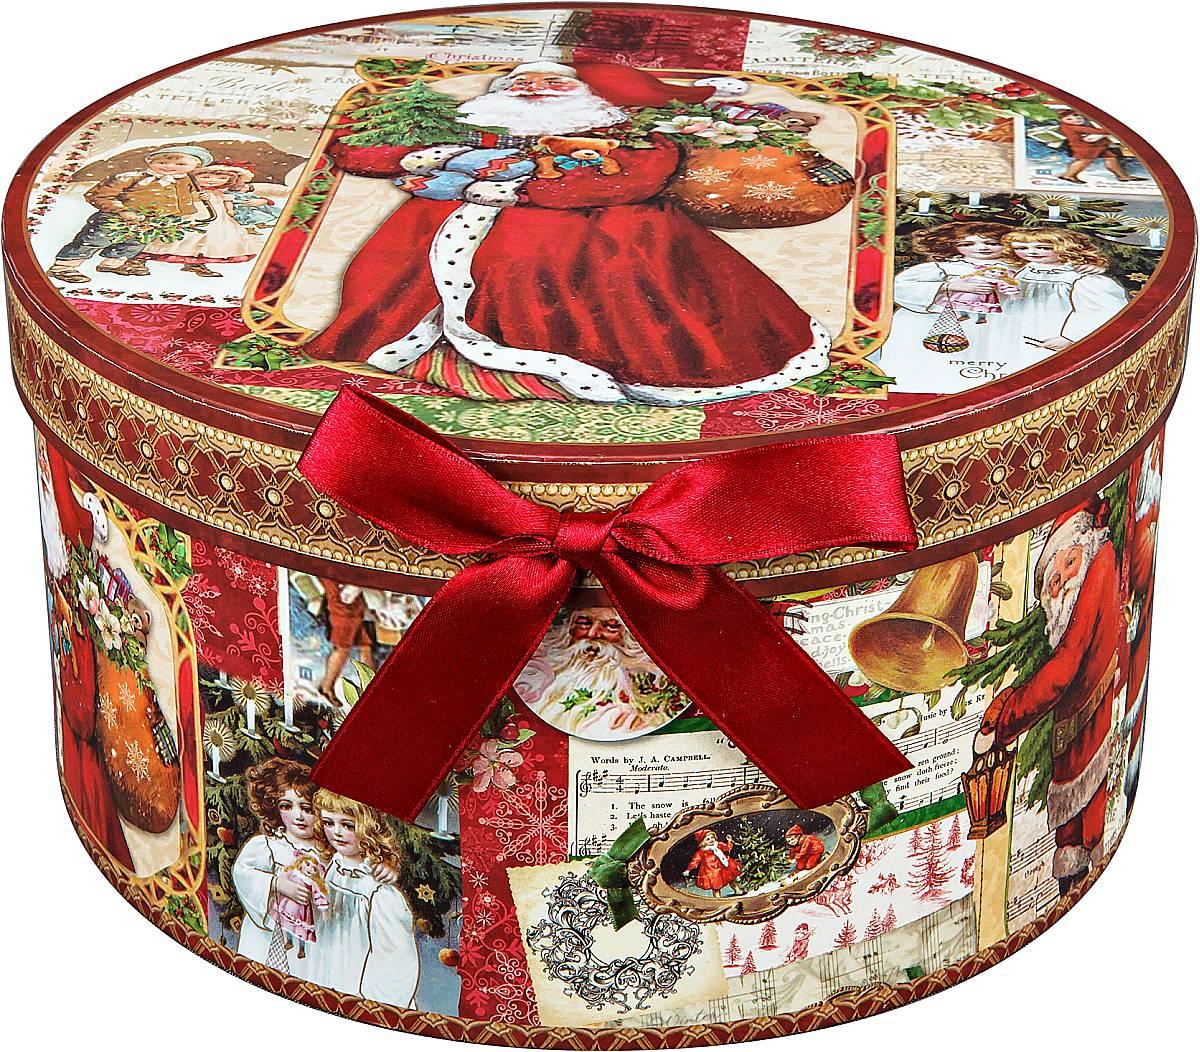 Коробка подарочная новогодняя Mister Christmas Дед Мороз и дети, круглая, 13,3 х 13,3 х 6 смBR-B-ROUND-B-4Круглая картонная коробка Mister Christmas Дед Мороз и дети - это один из самых распространенных вариантов упаковки подарков. Любой, даже самый нестандартный подарок упакованный в такую коробку, создаст момент легкой интриги, а плотный картон сохранит содержимое в первоначальном виде. Оригинальный дизайн самой коробки будет долго напоминать владельцу о трогательных моментах получения подарка.